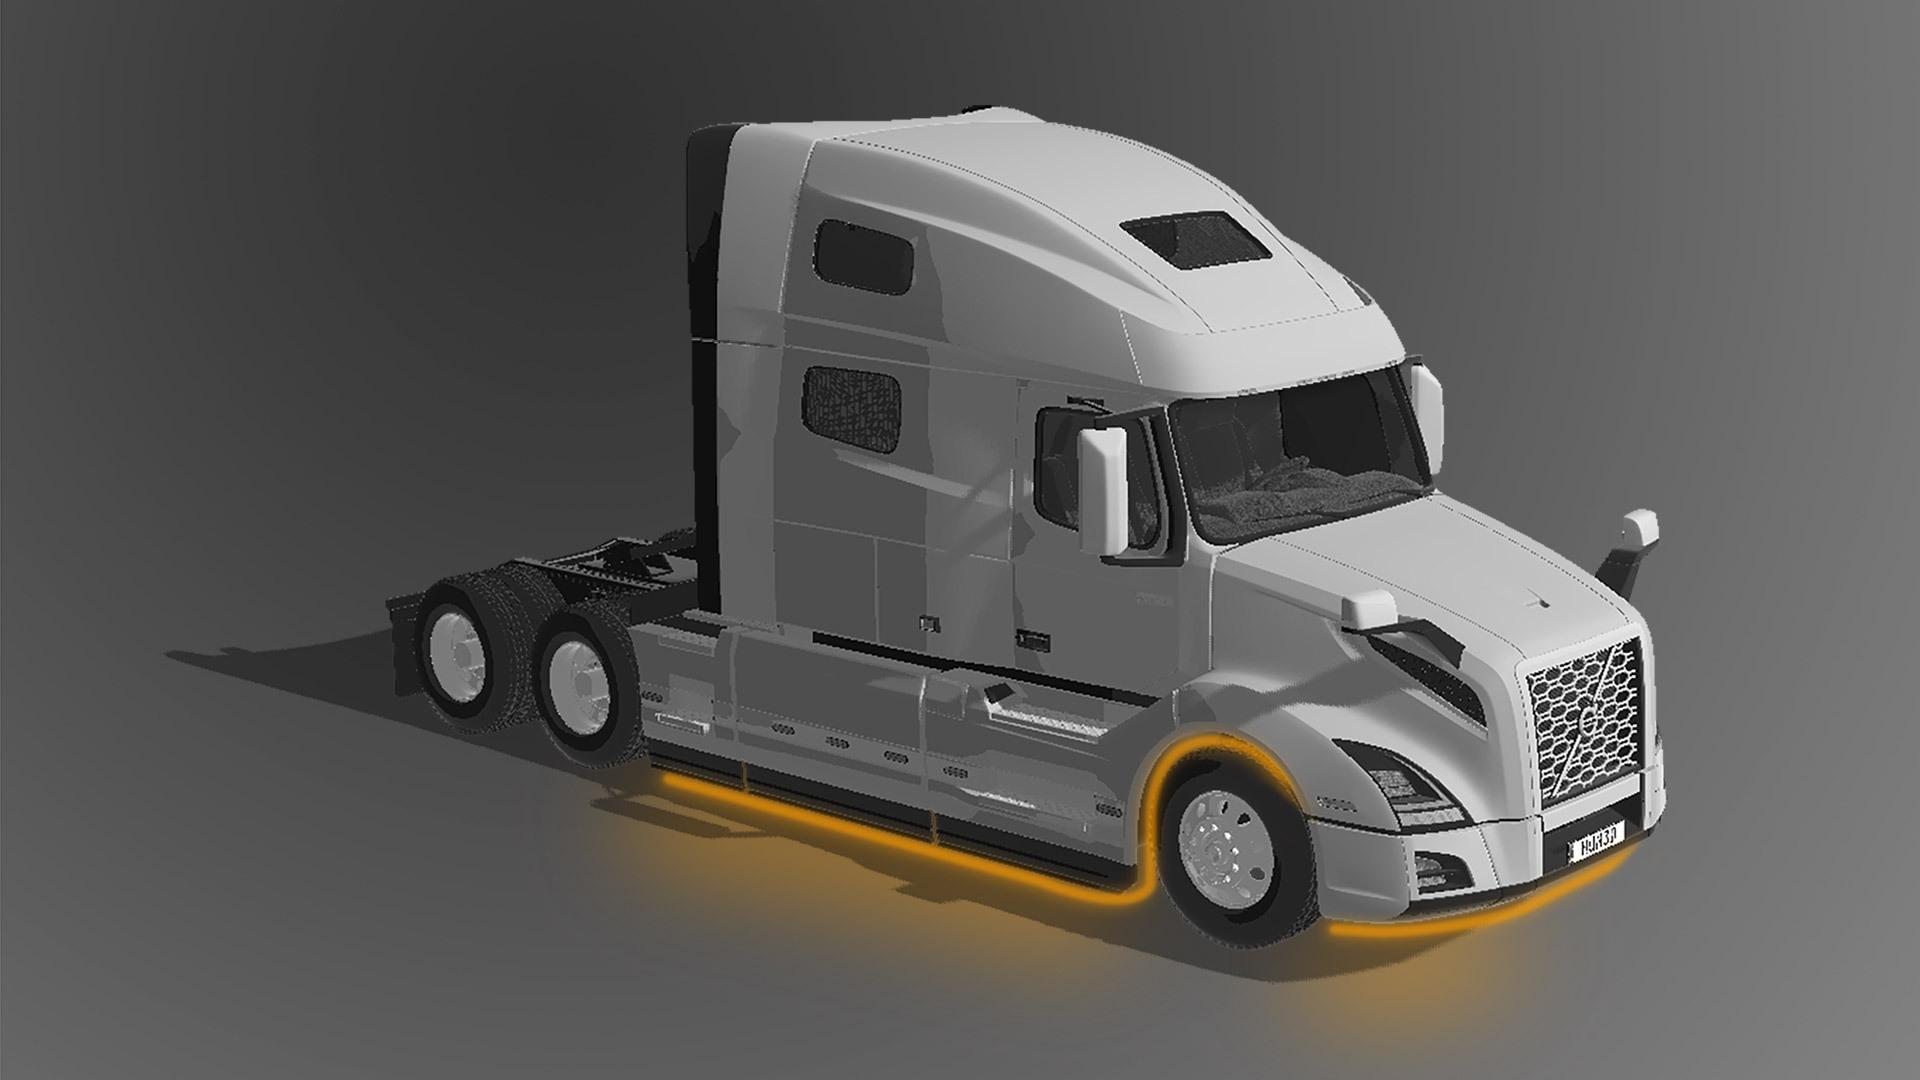 Truck LED Lighting underglow on Volvo VNL 760 model